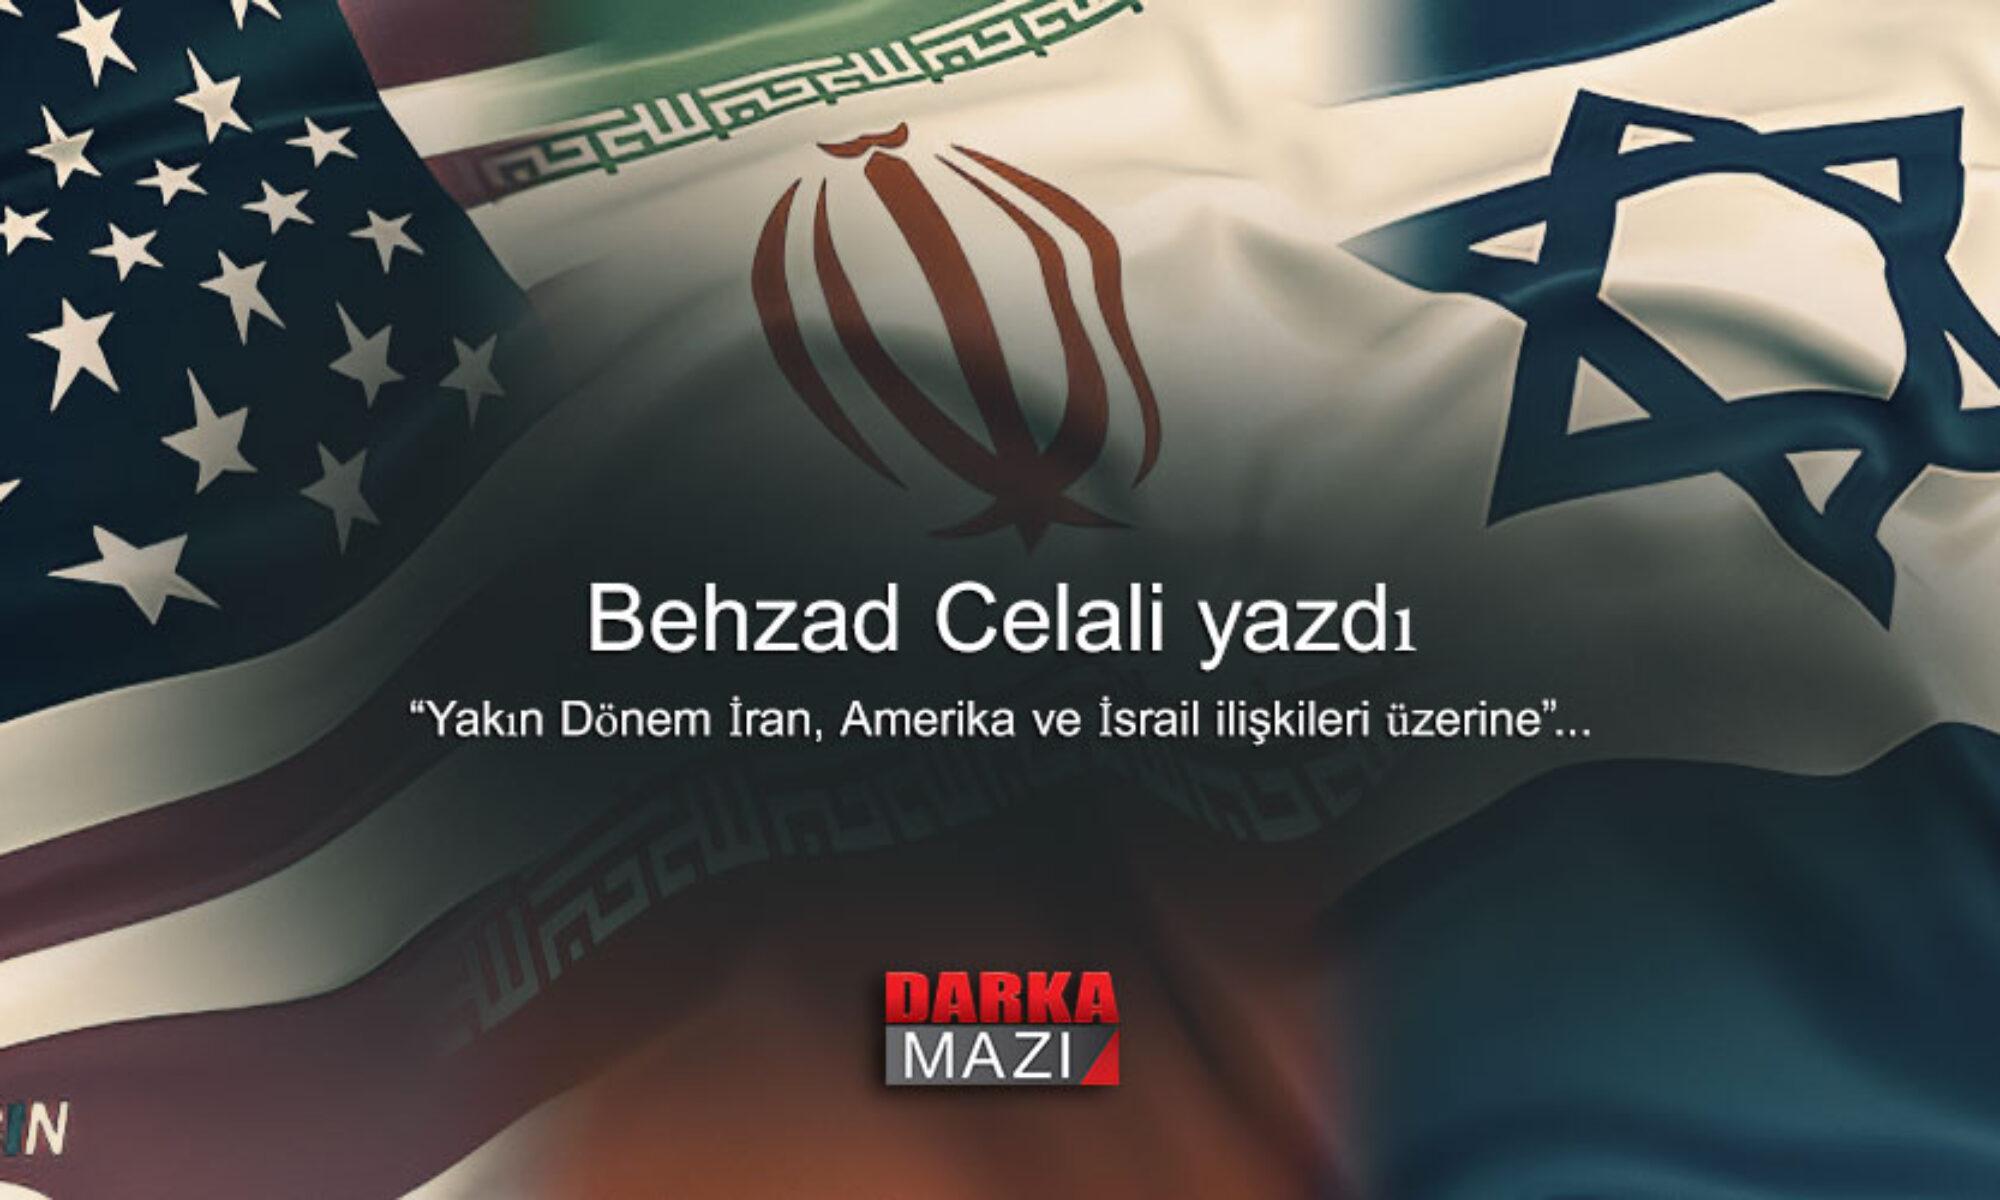 Yakın Dönem İran Amerika ve İsrail ilişkileri üzerine... Nükler Enerji, Afganistan, Nixon, saldırı